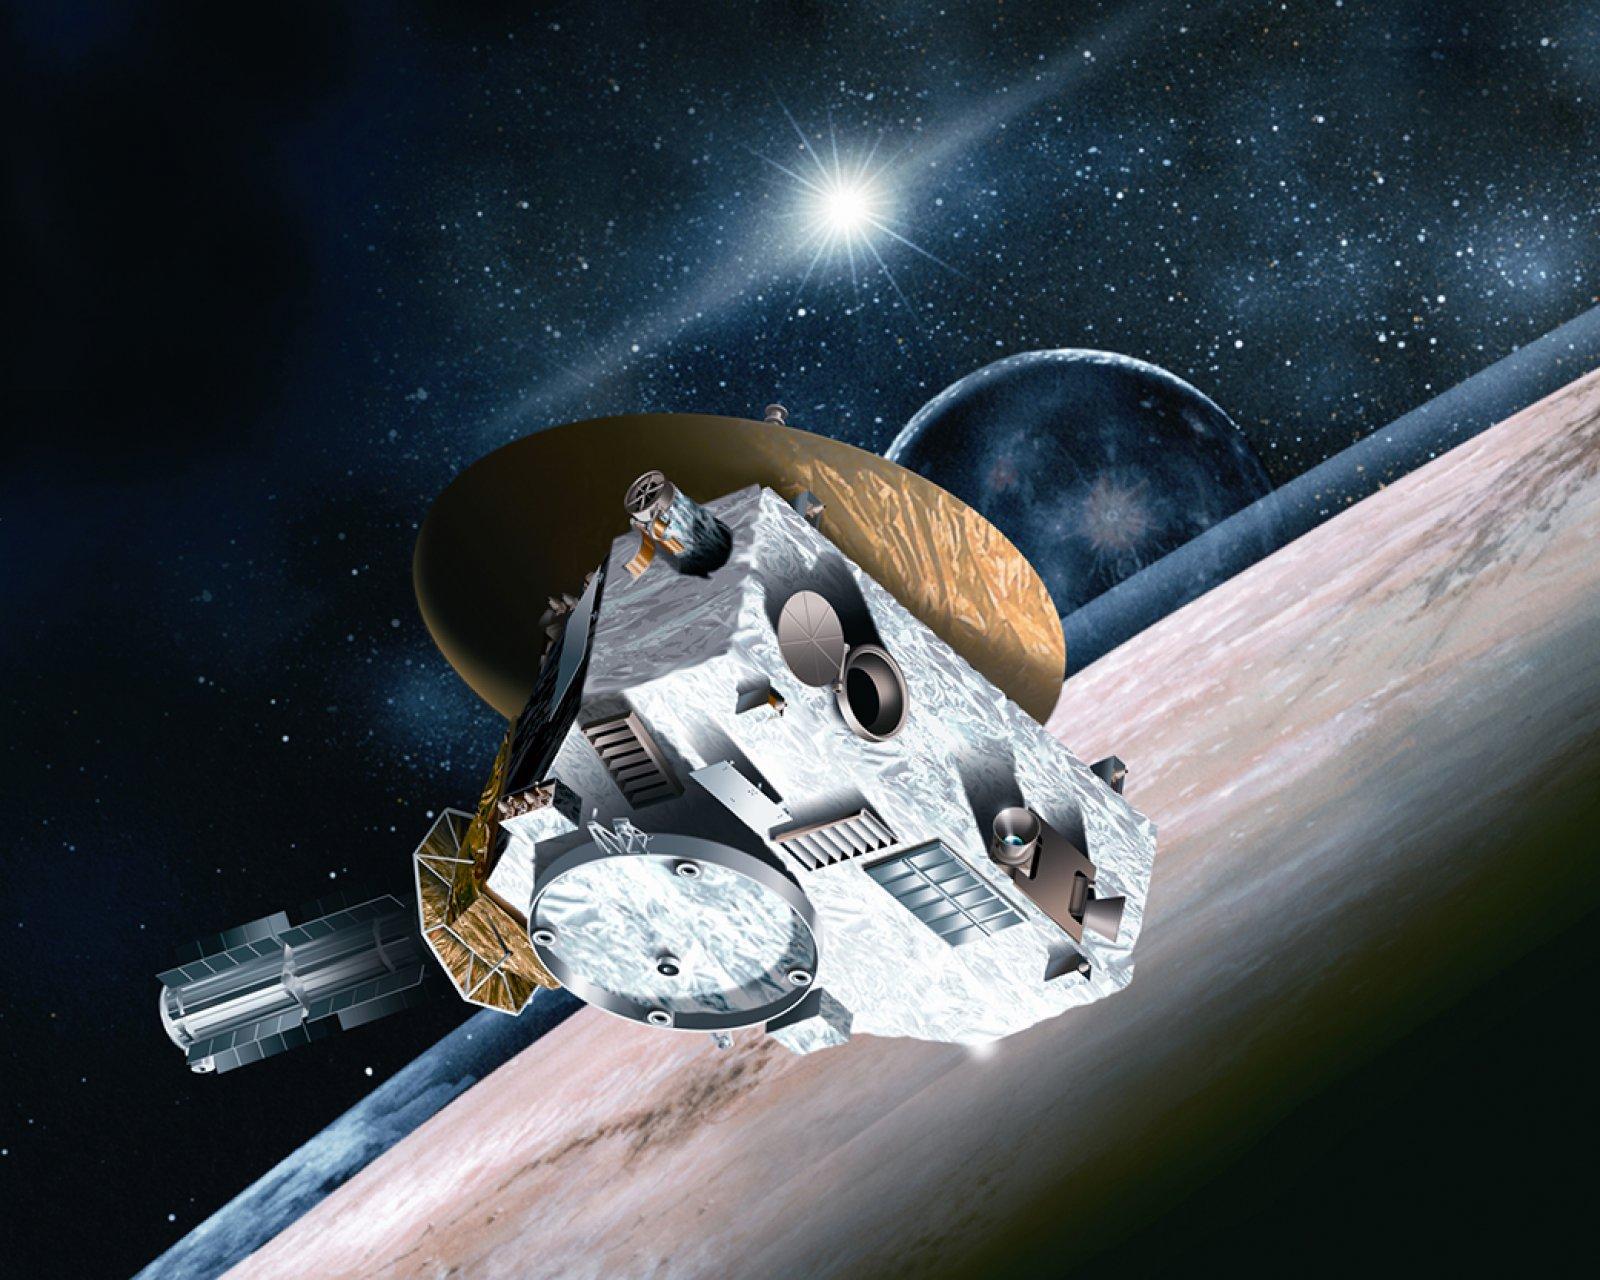 Reconstrucció artística del pas de la sonda New Horizons per Plutó